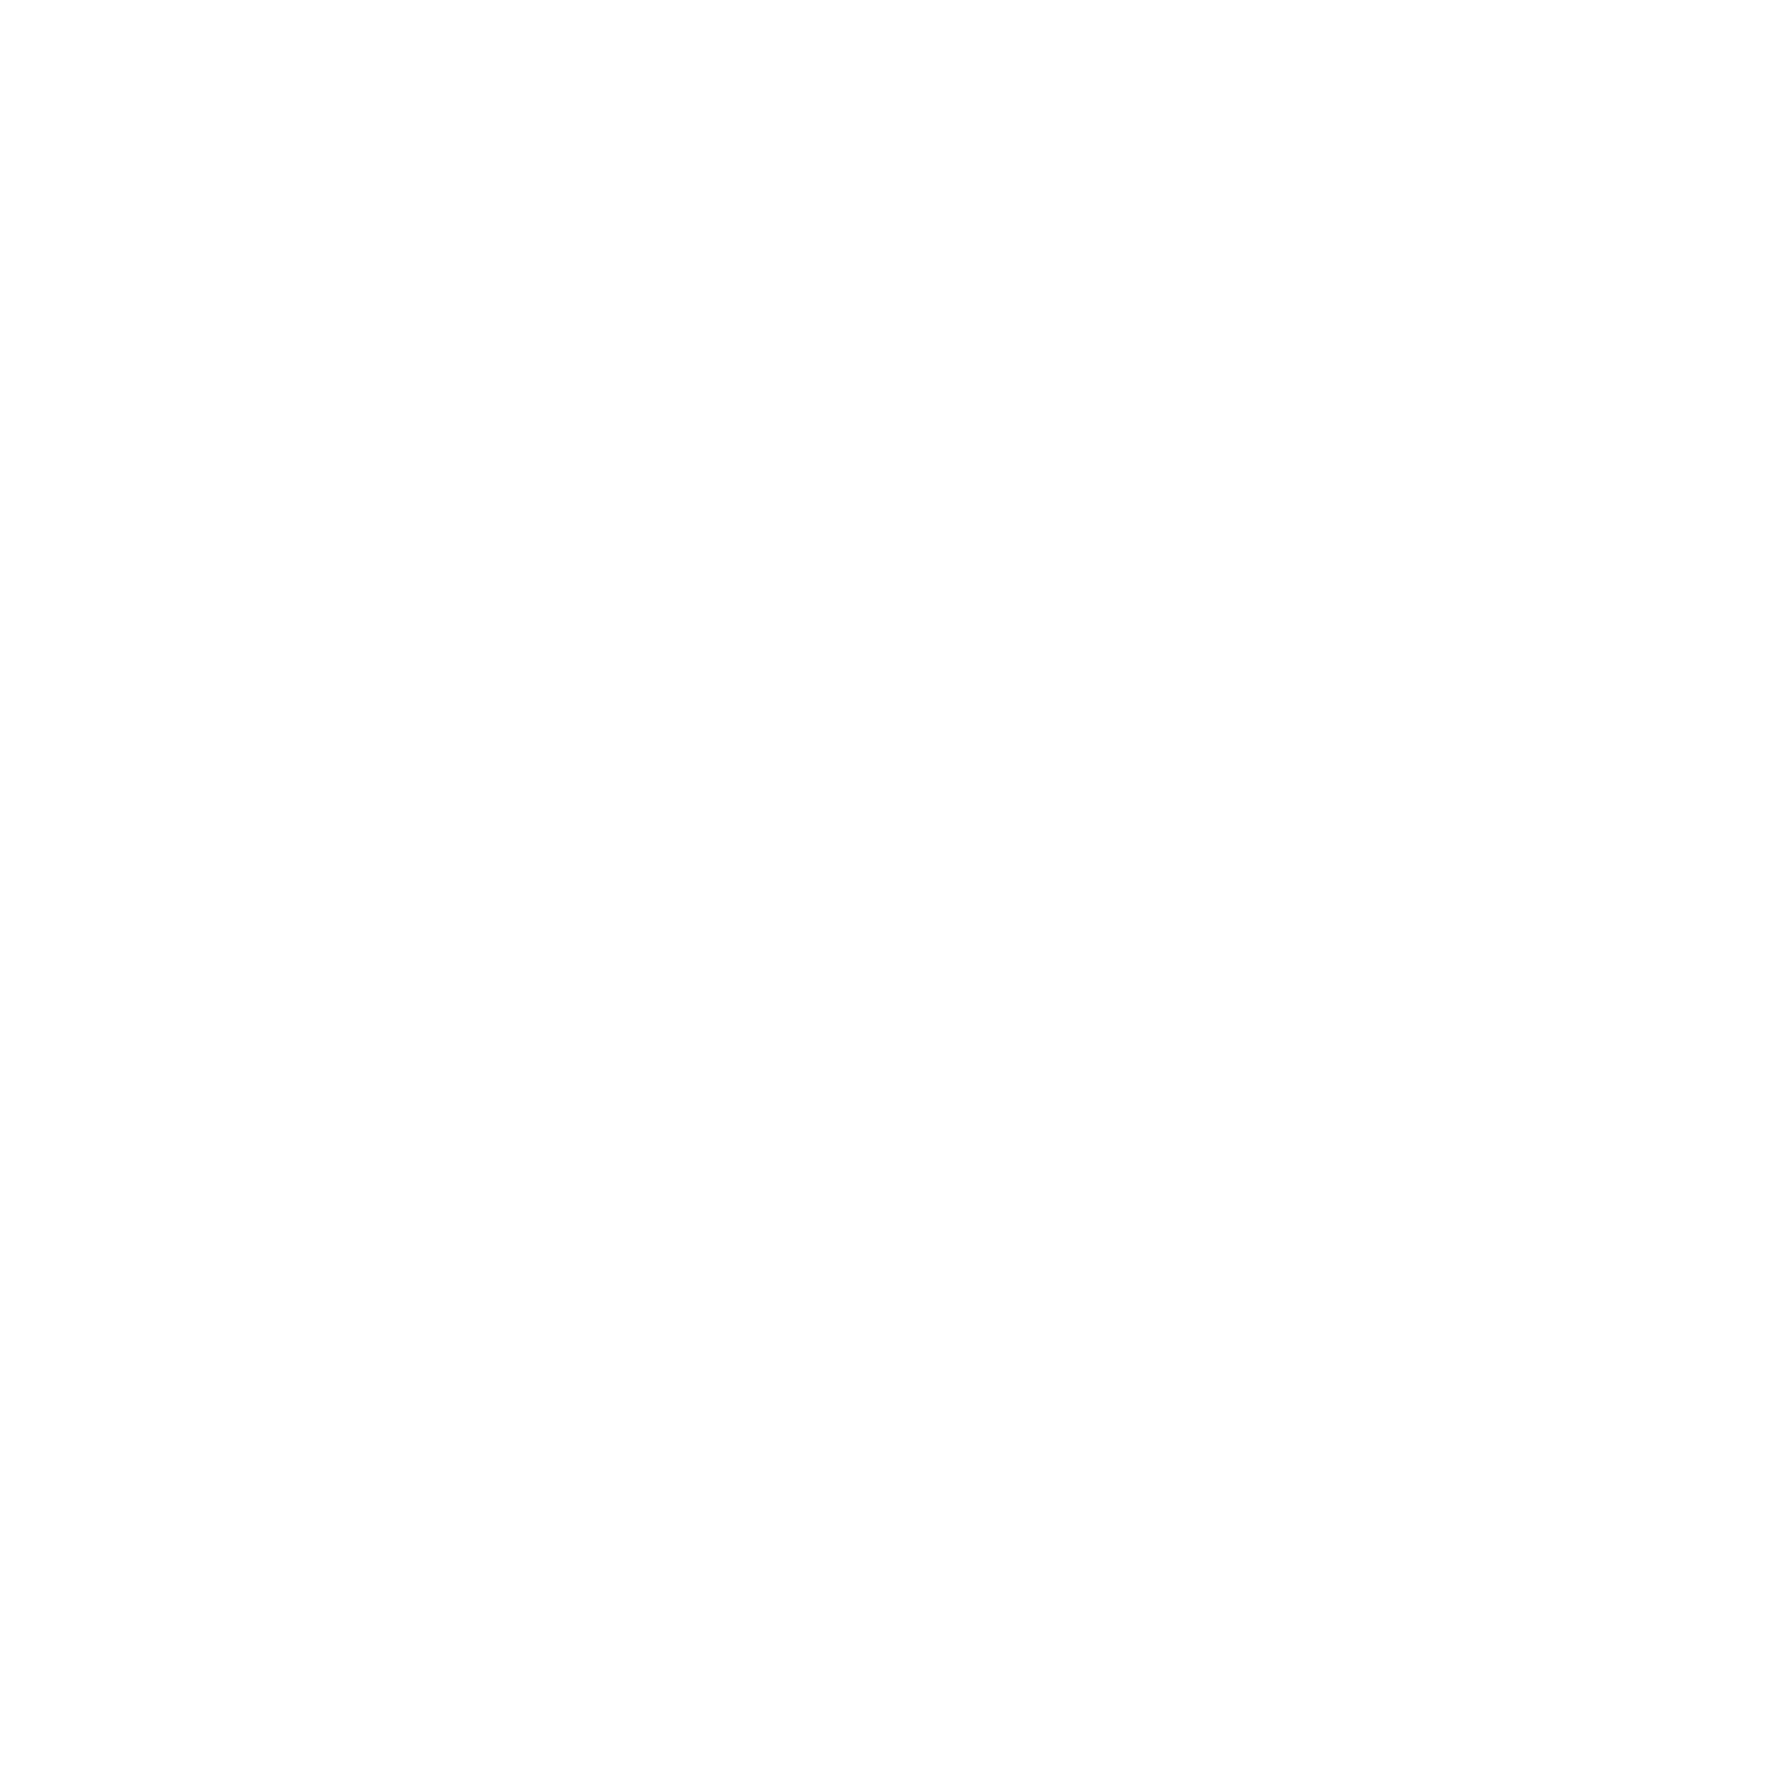 DL_Vermieterservice-07